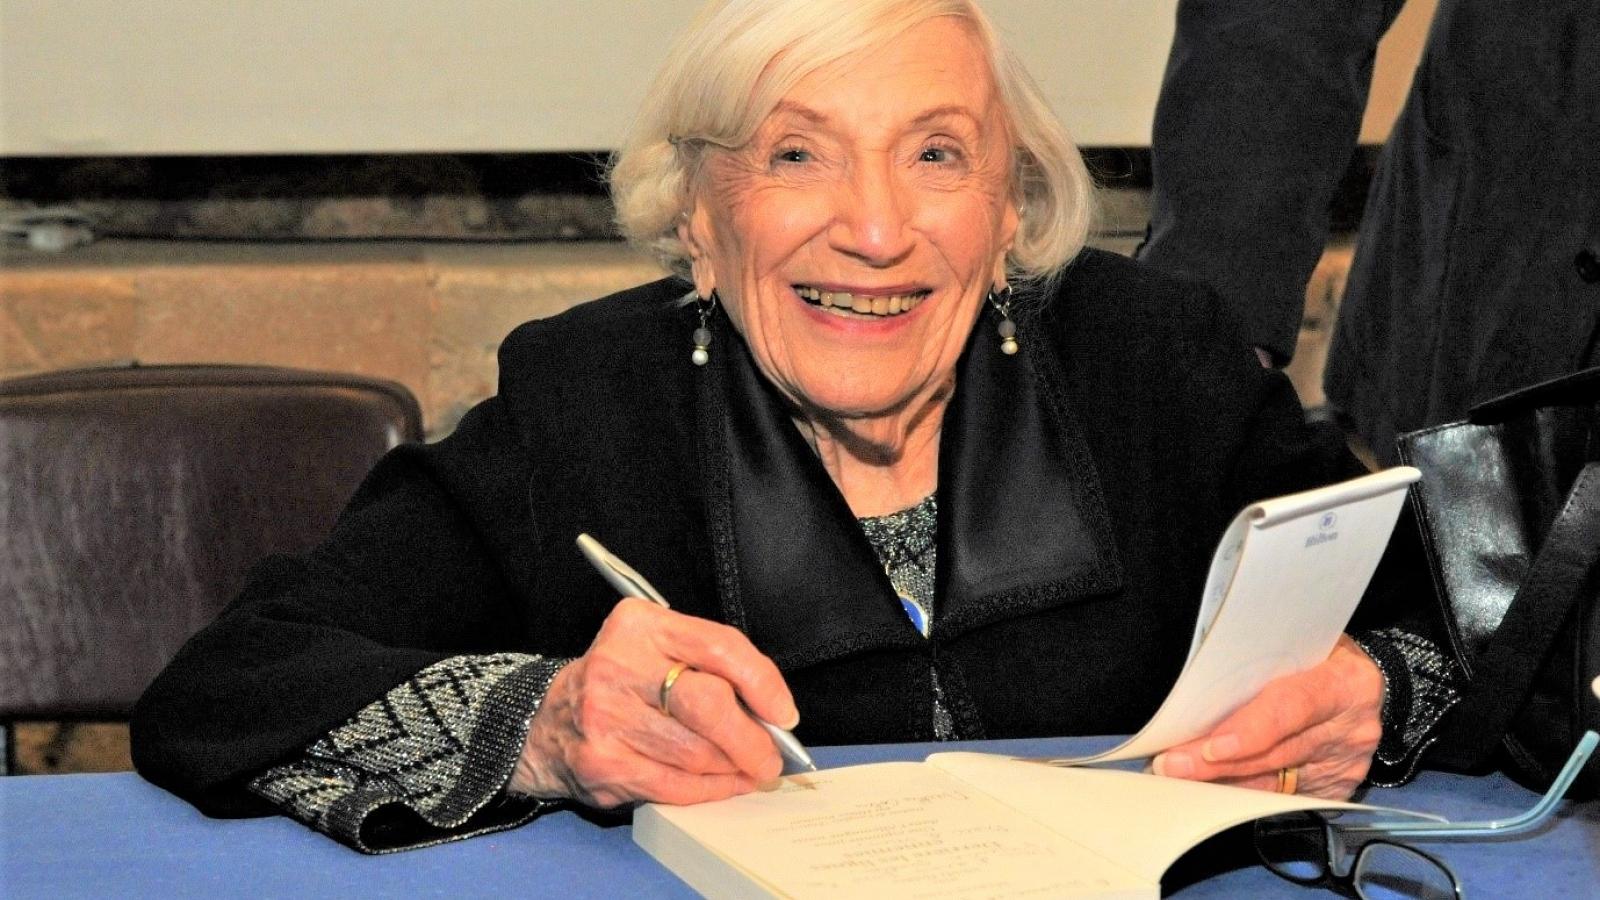 Câu chuyện có thật về nữ điệp viên người Pháp gốc Do Thái